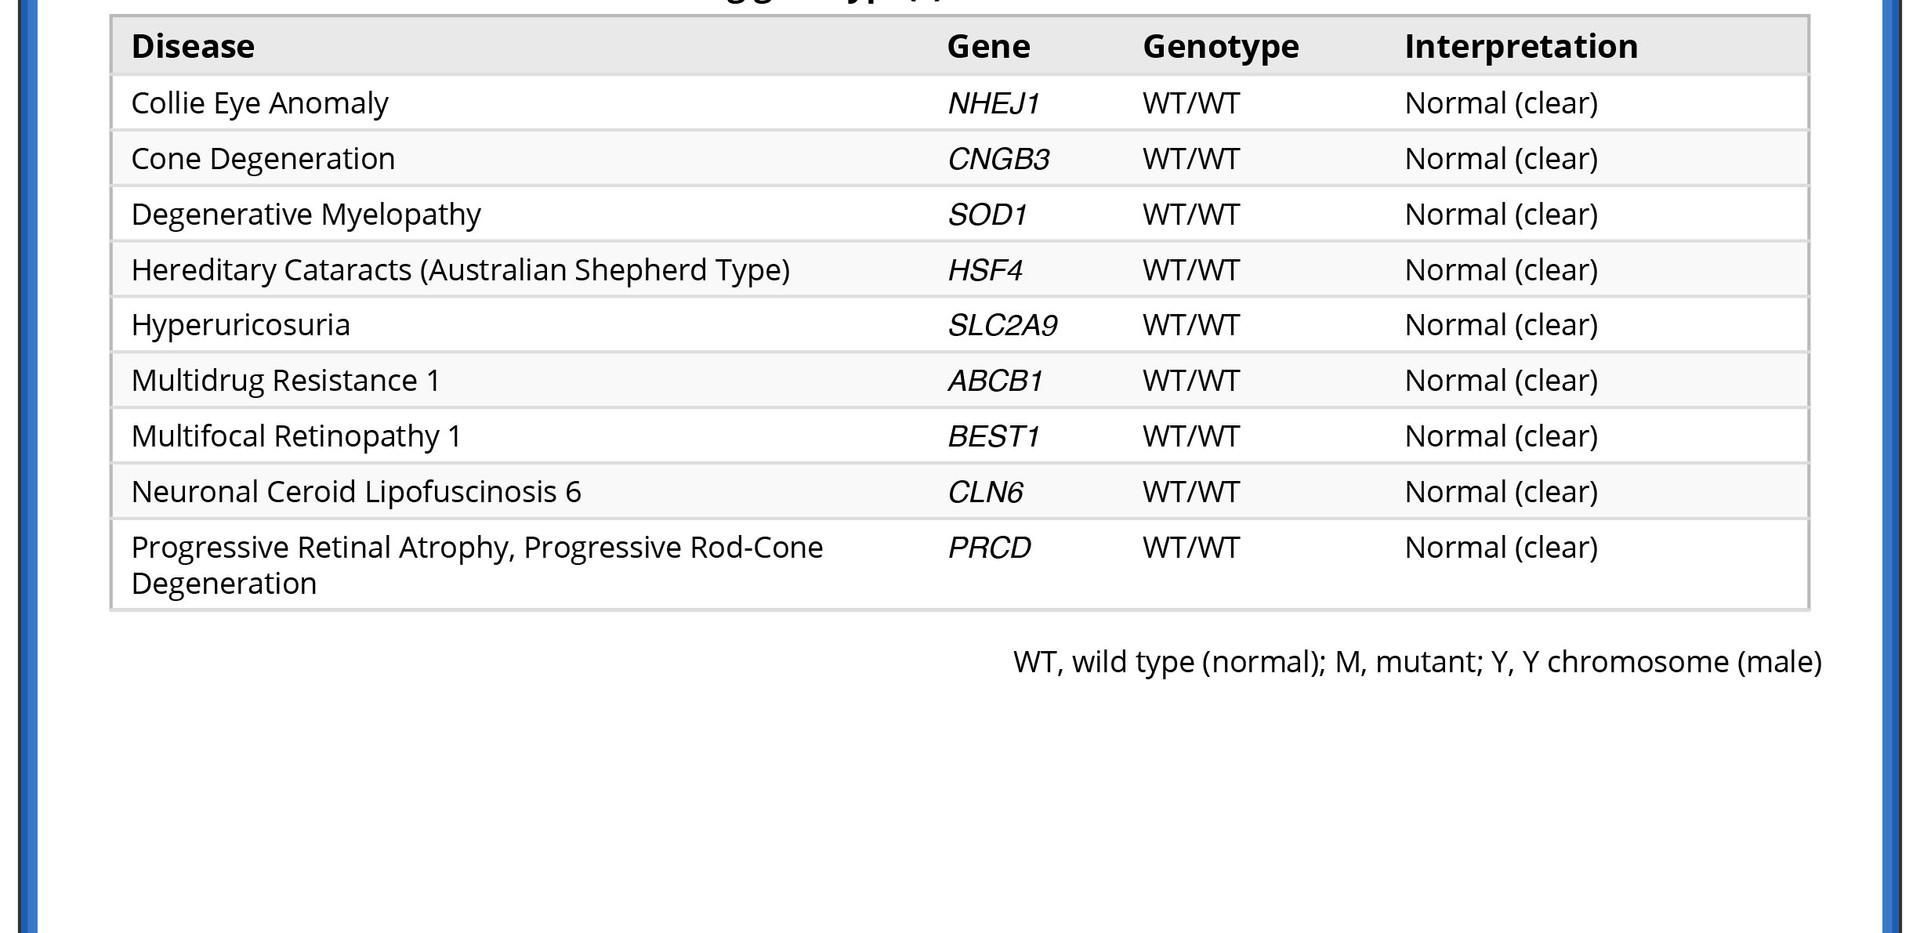 GeneticTestMollie.jpg